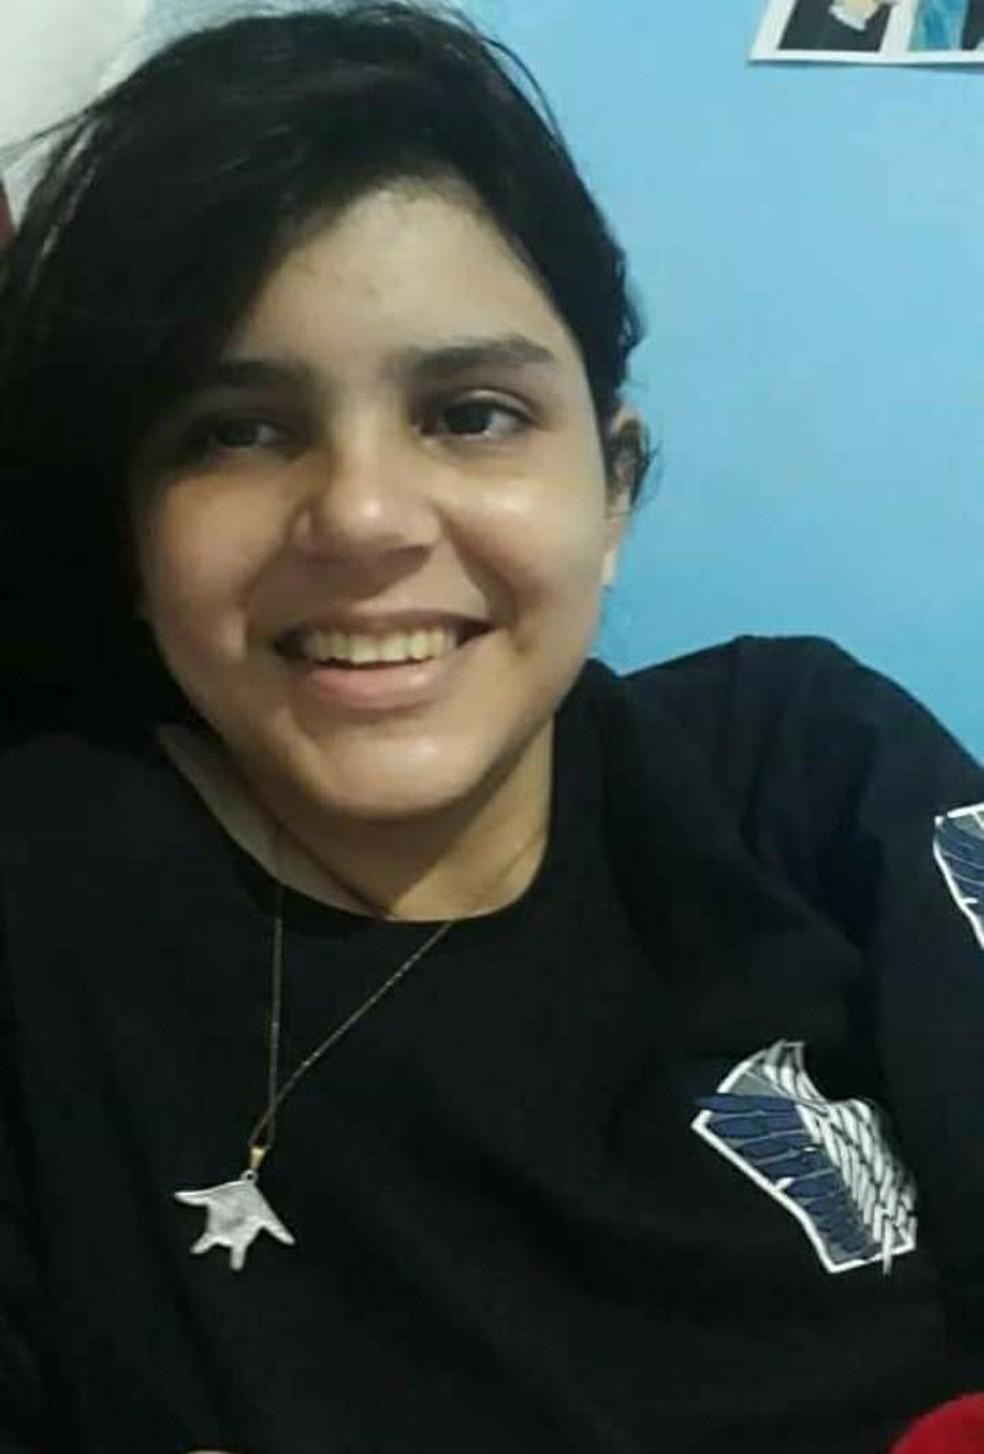 Dennila Cris Dantas Barbosa, de 19 anos, foi morta a facadas após terminar o namordo — Foto: Divulgação